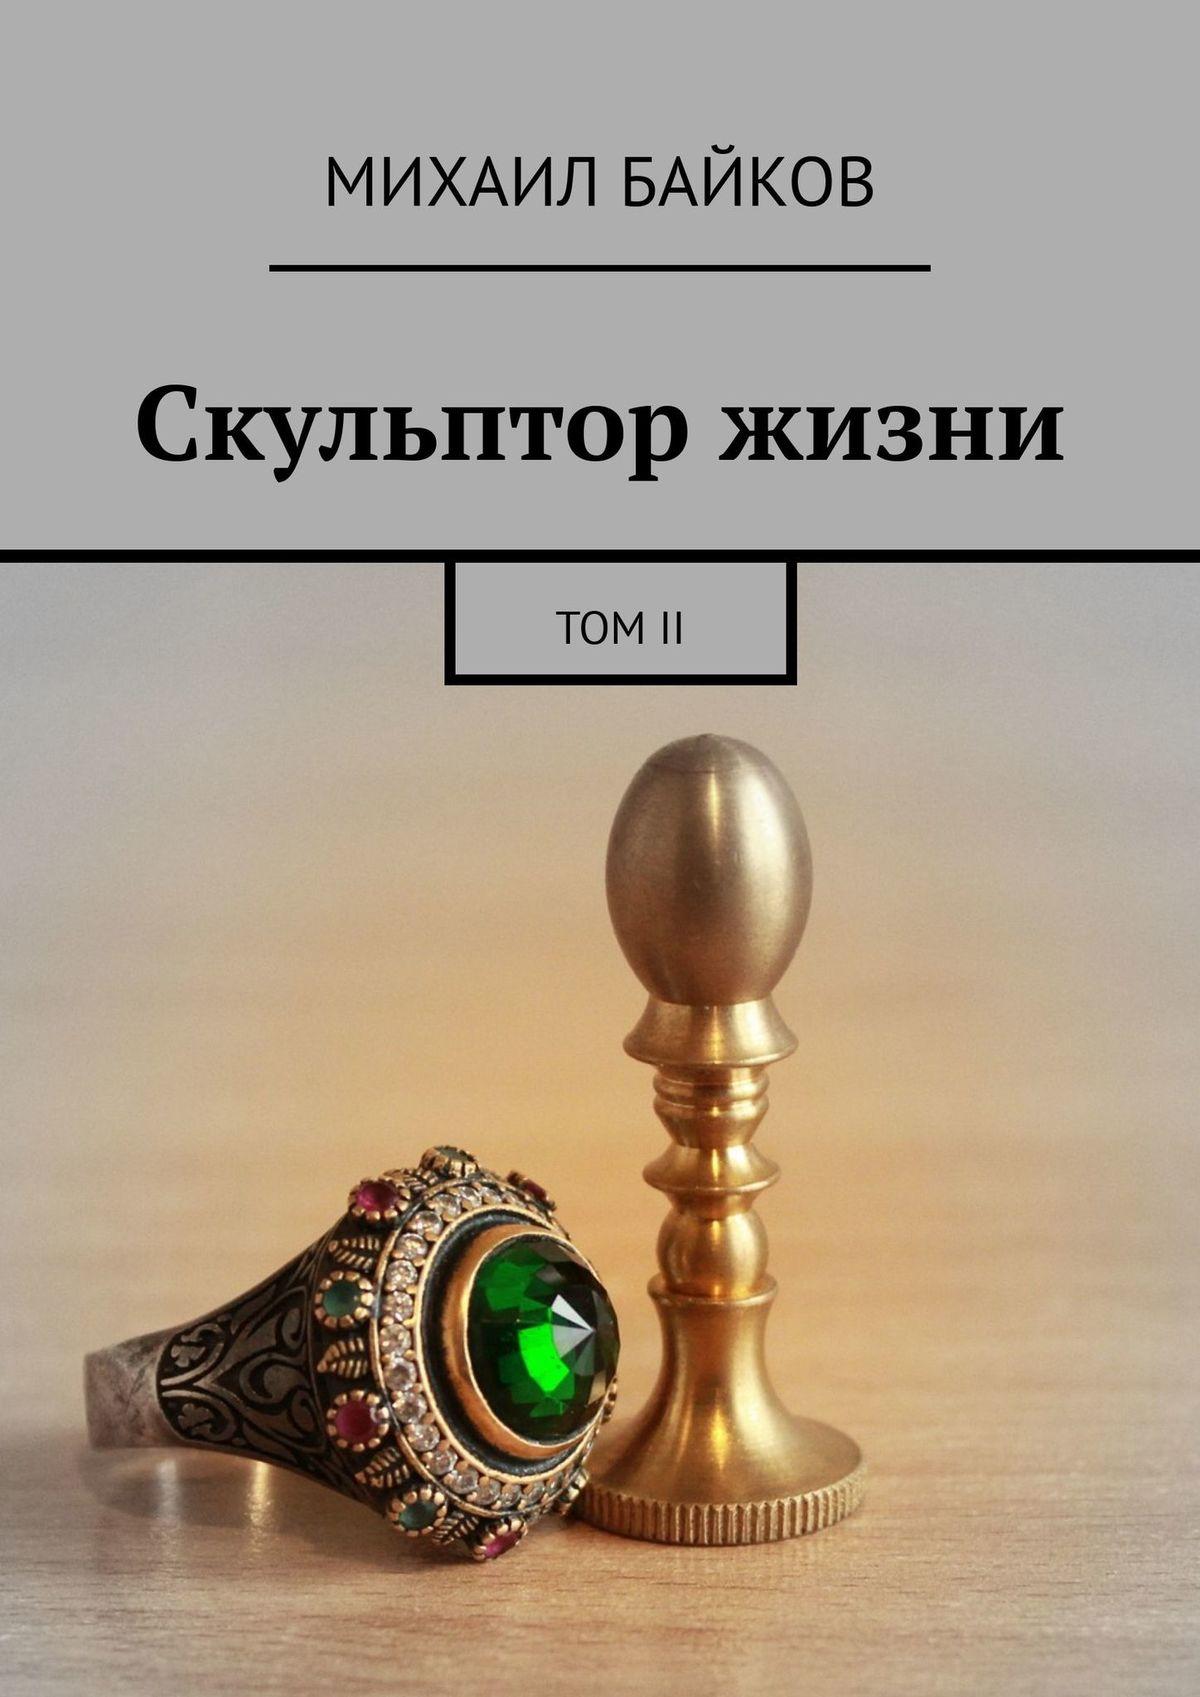 Михаил Байков. Скульптор жизни. ТомII